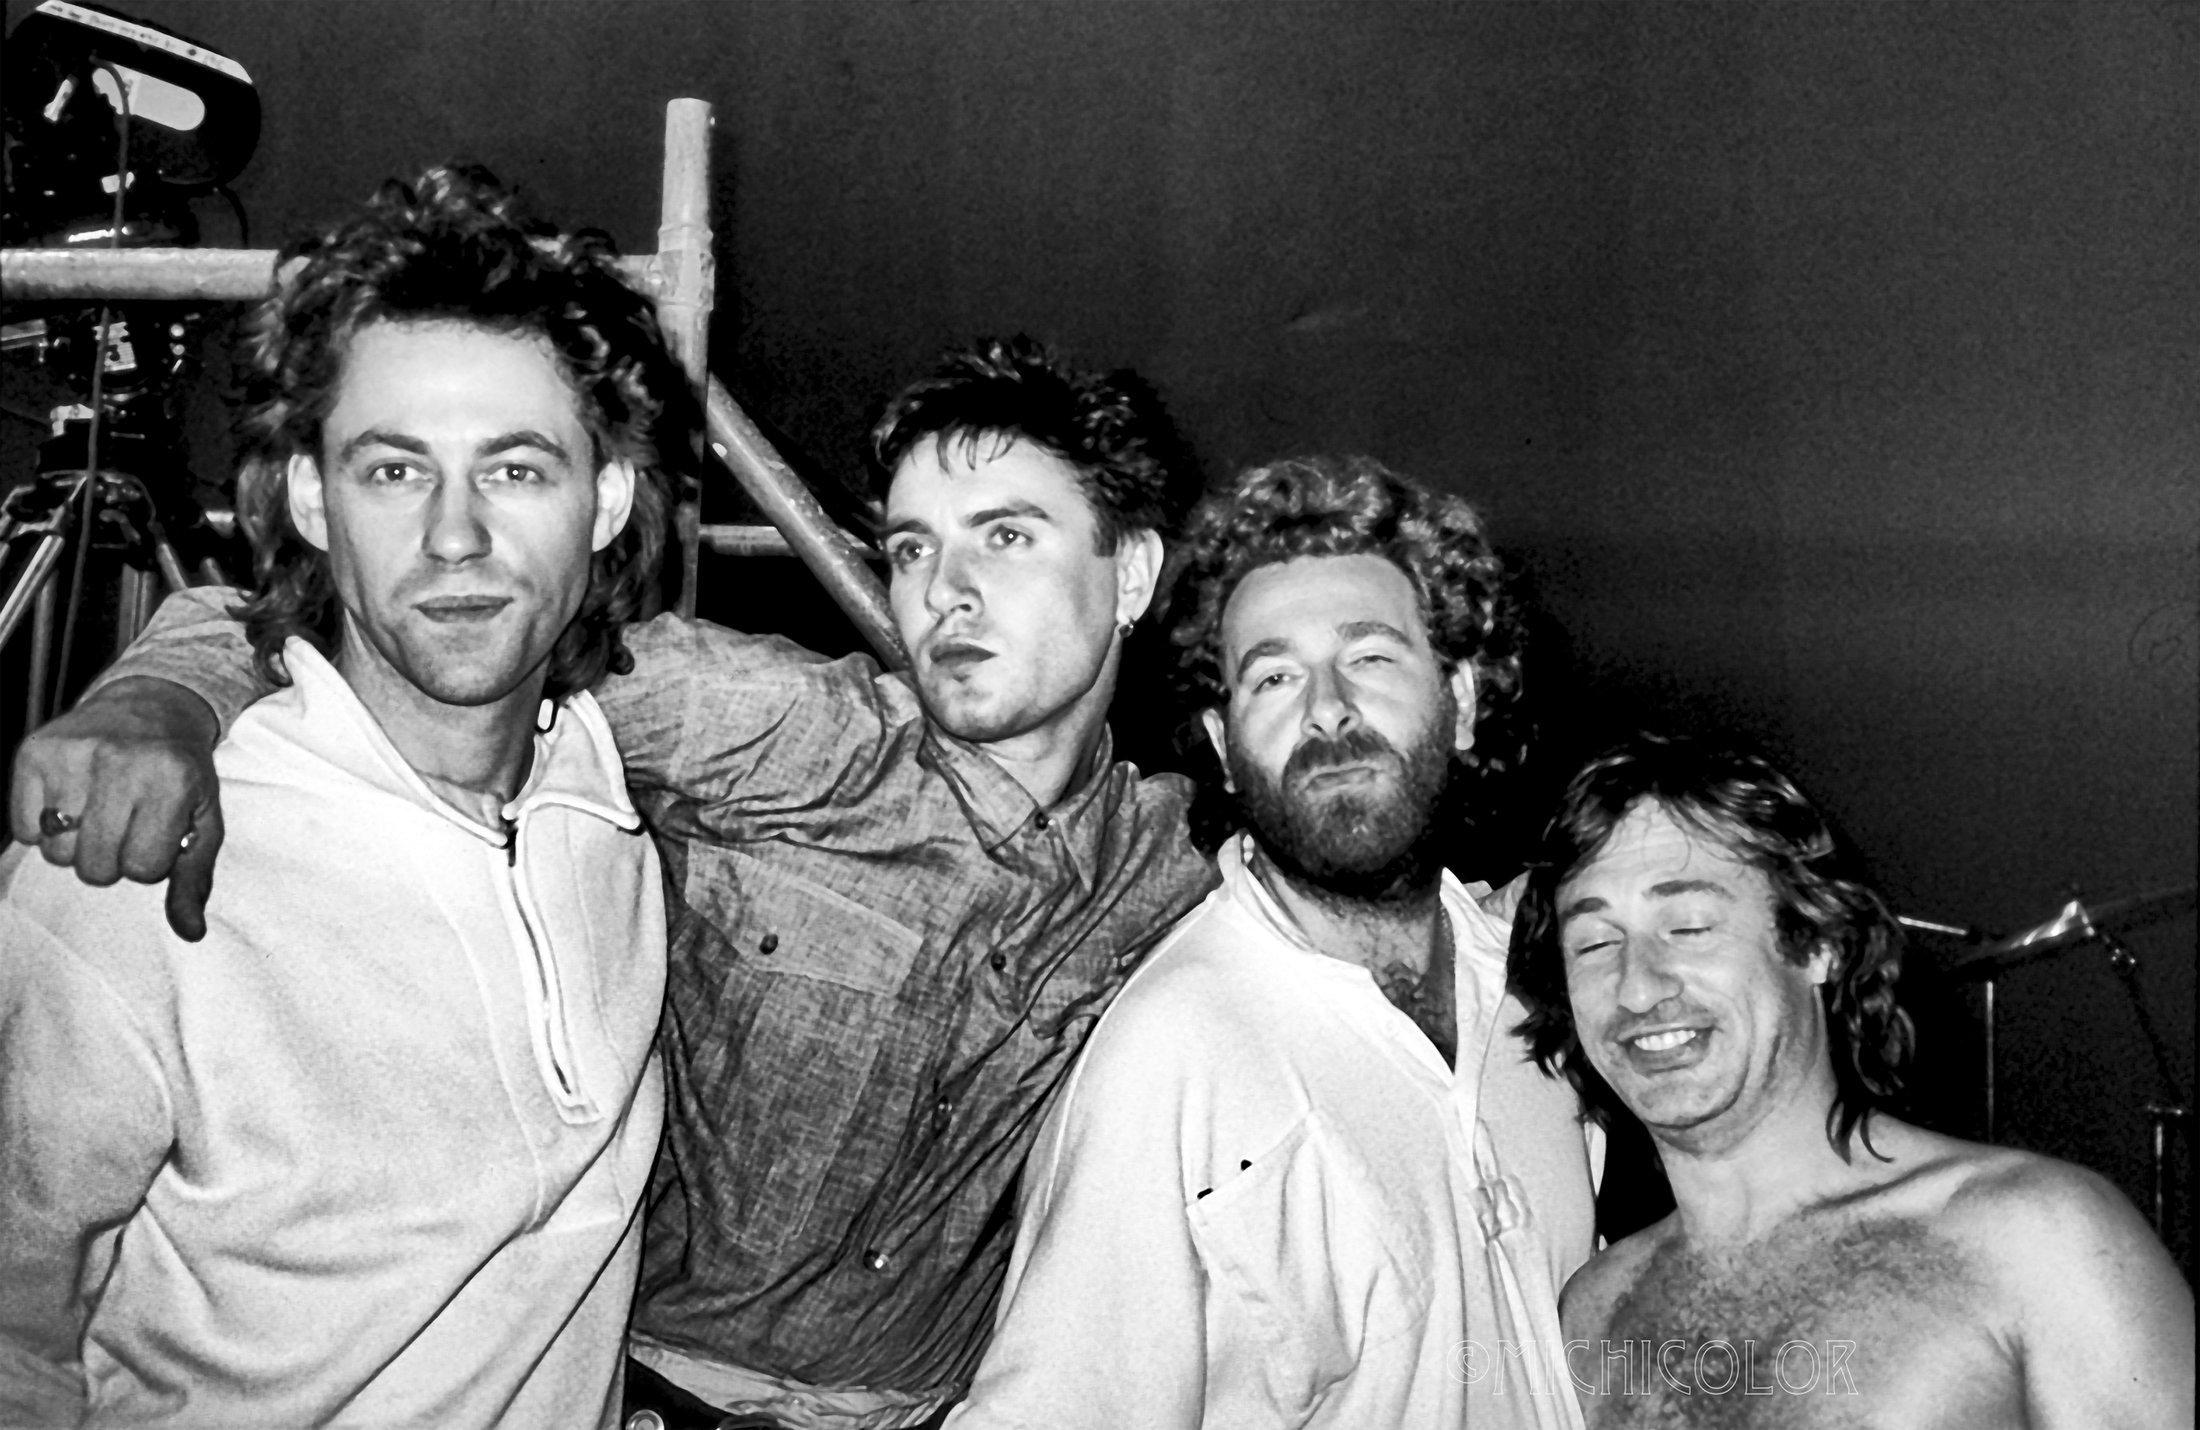 Bob Geldof, Simon Le Bon, Kevin Godley, Lol Creme